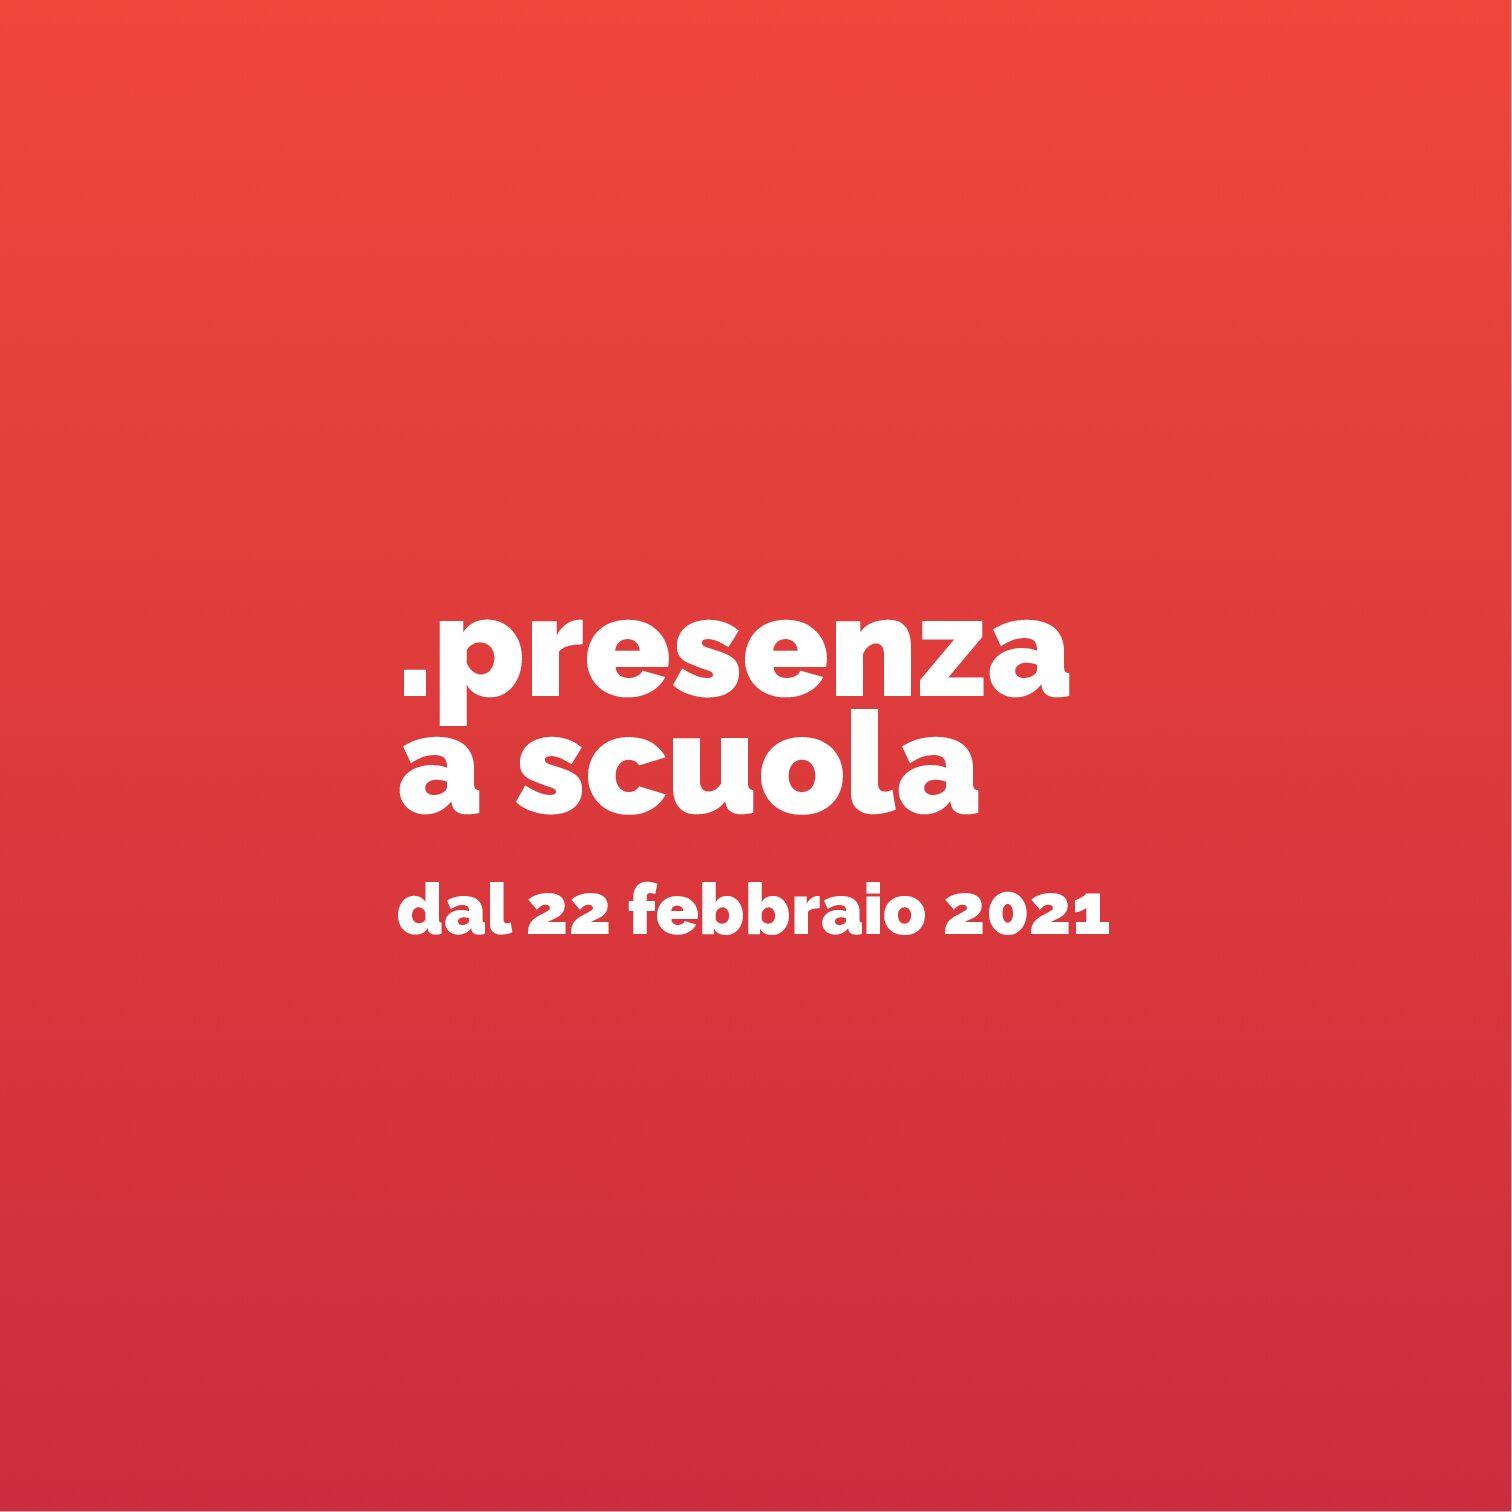 Presenza a scuola/ dal 22 febbraio al 13 marzo 2021